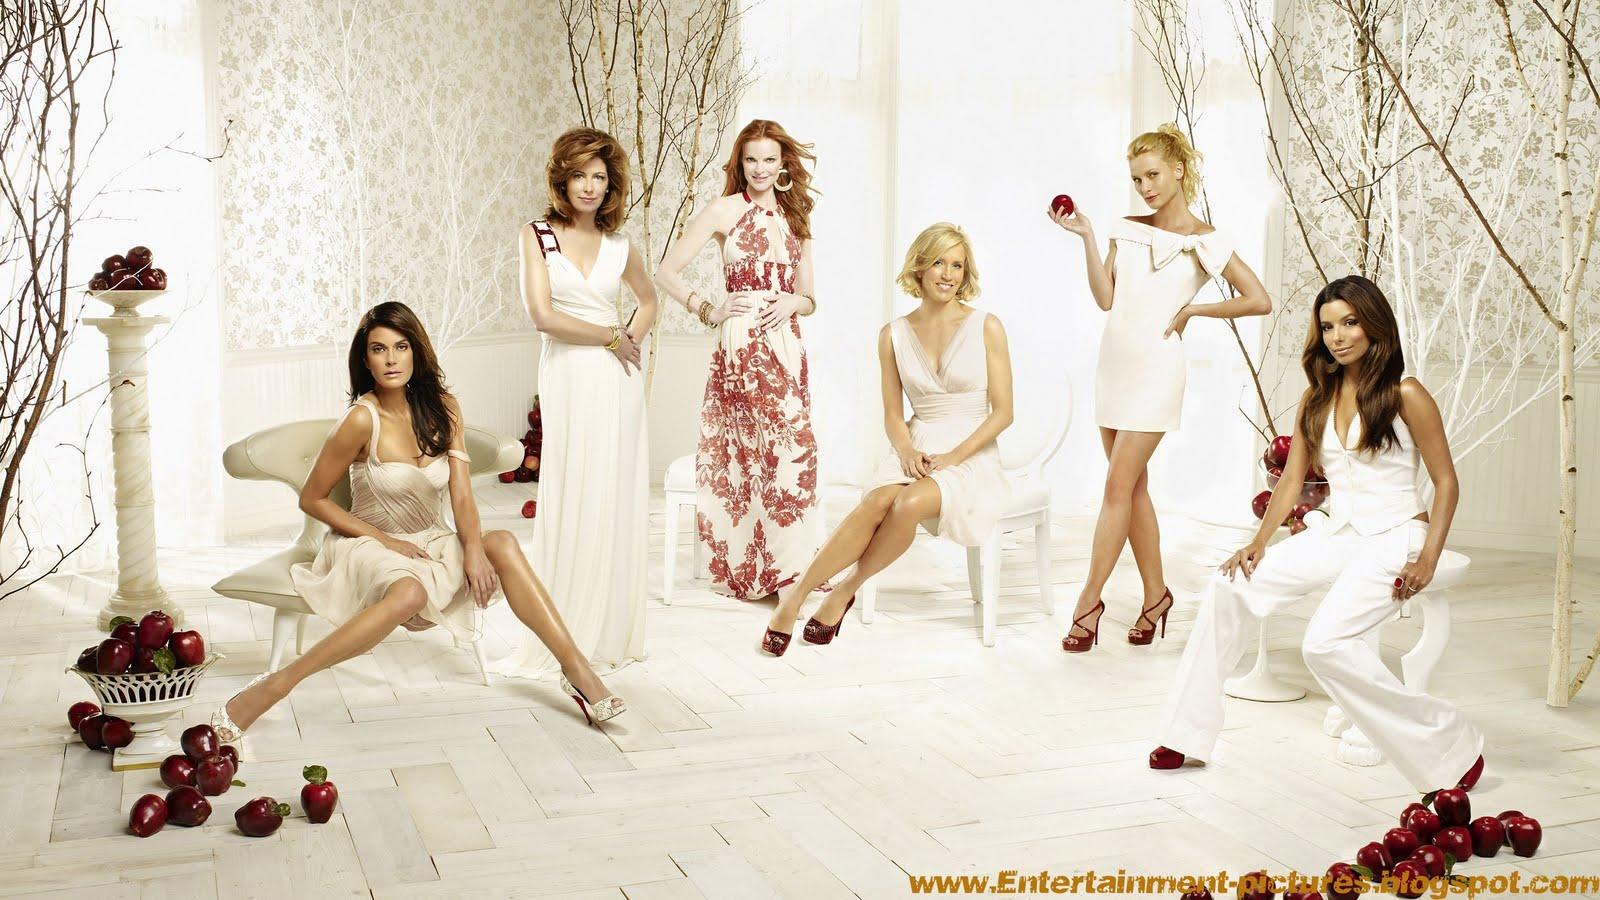 http://3.bp.blogspot.com/-Lowuprpdkcg/ThEd_fouCaI/AAAAAAAAD3Q/1pR8_MUw6rA/s1600/desperate-housewives-poster-2560x1440-wallpaper-5135.jpg